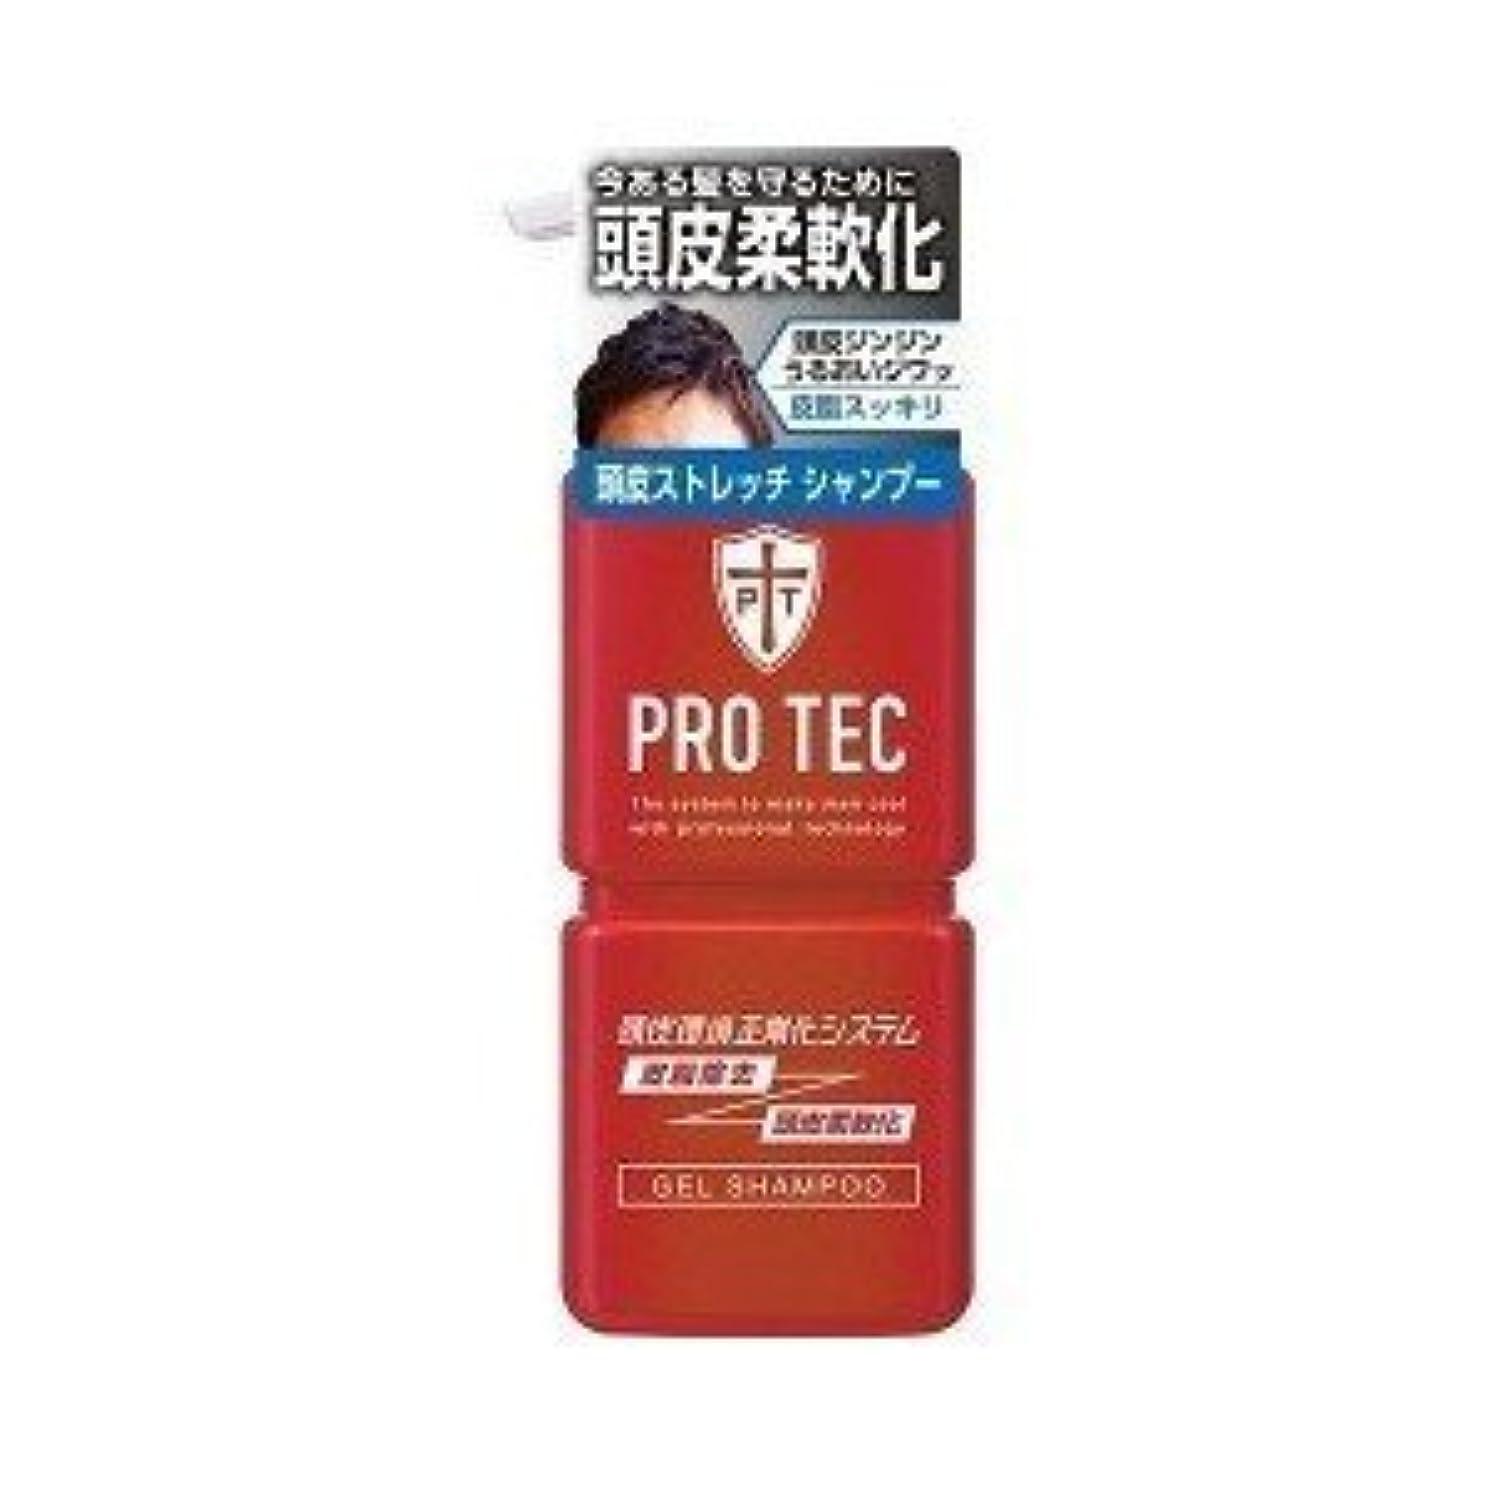 慣れる供給楽しい(ライオン)PRO TEC(プロテク) 頭皮ストレッチ シャンプー ポンプ 300g(医薬部外品)